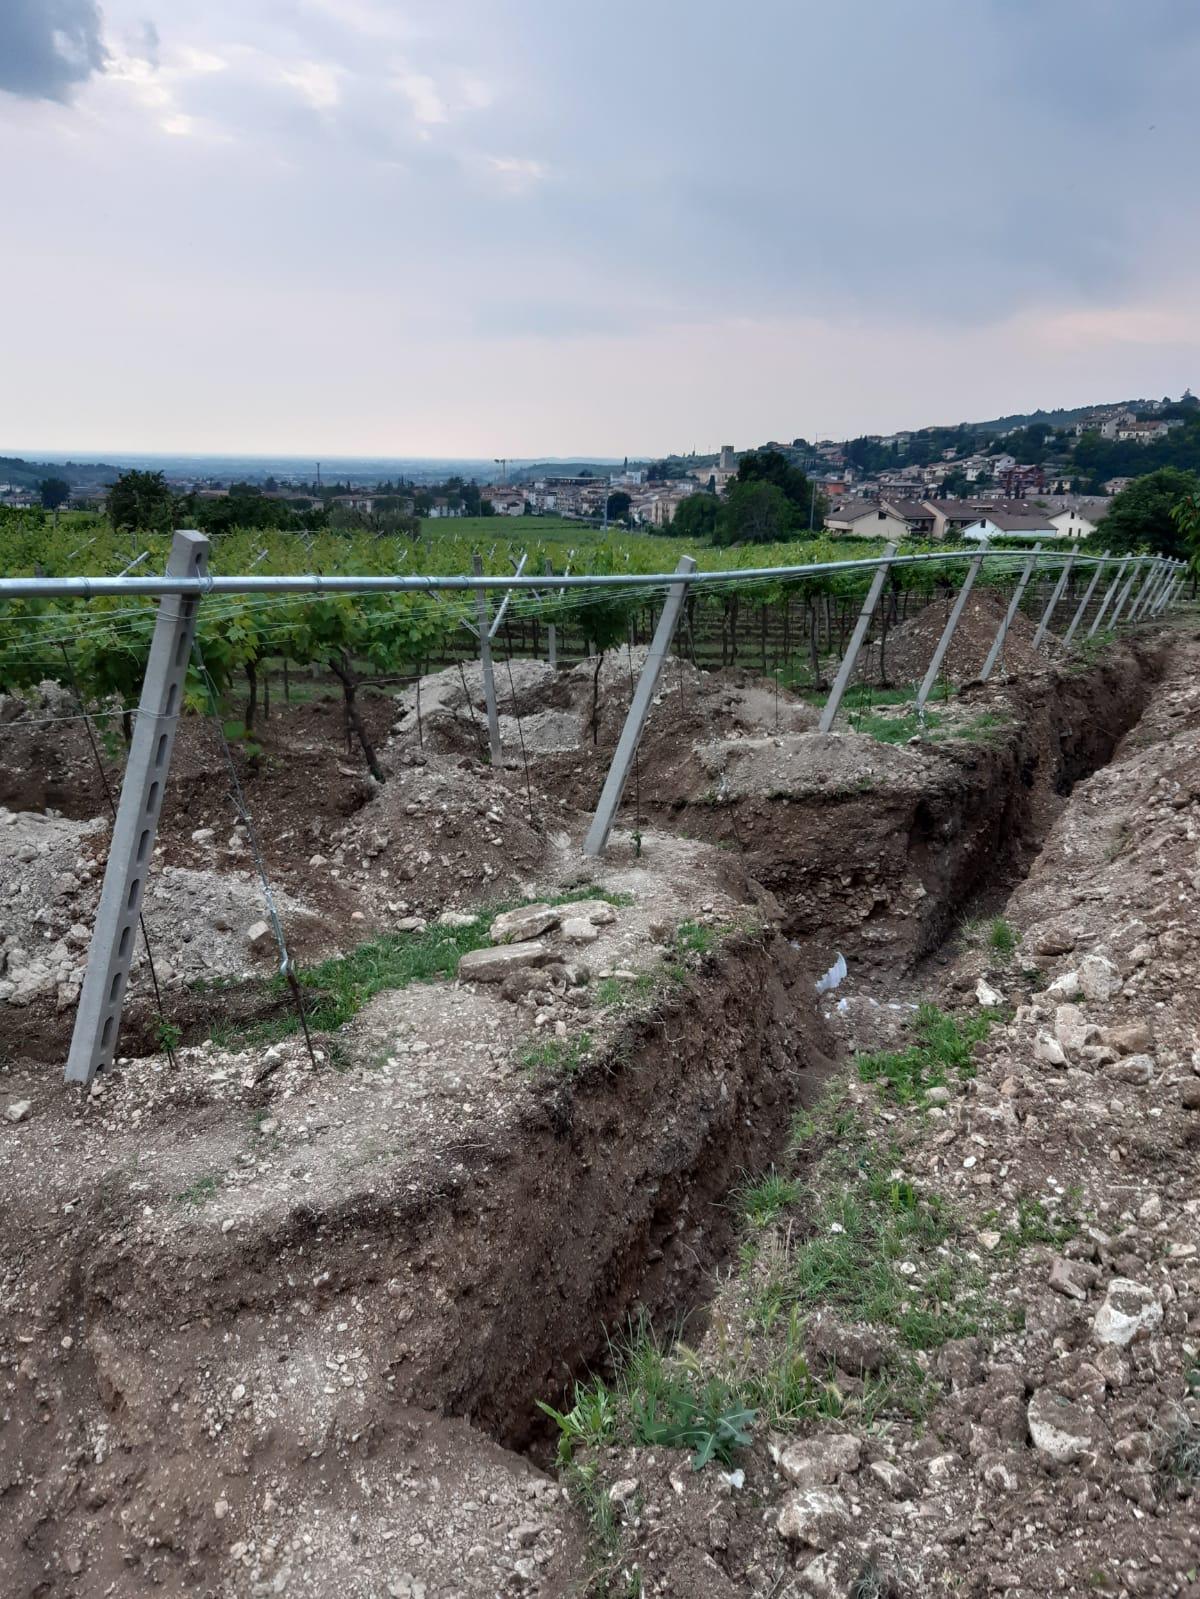 Під виноградником в Італії знайшли давньоримську підлогу з мозаїки: фото